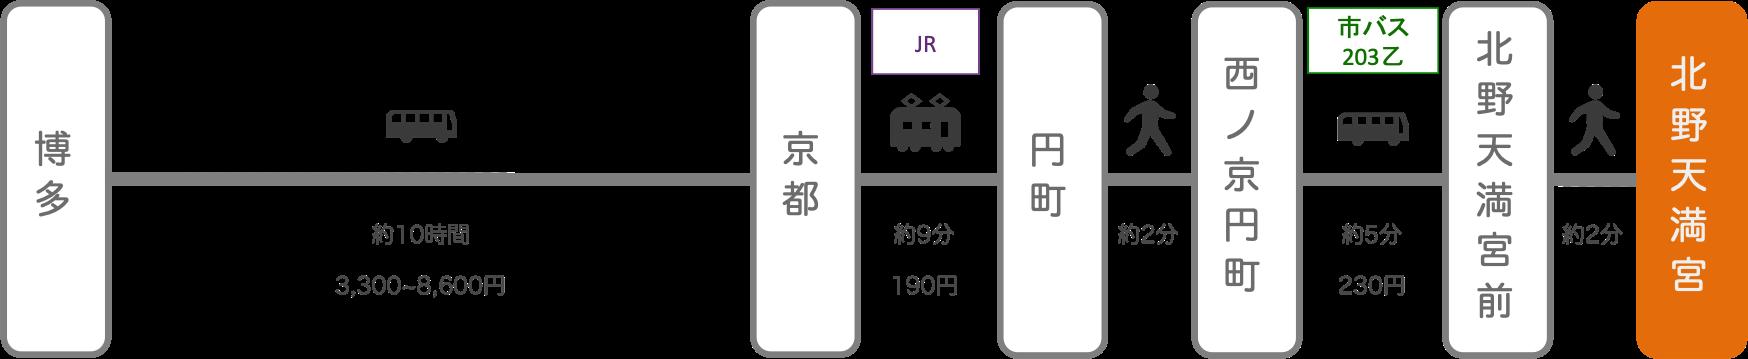 北野天満宮_博多(福岡)_高速バス